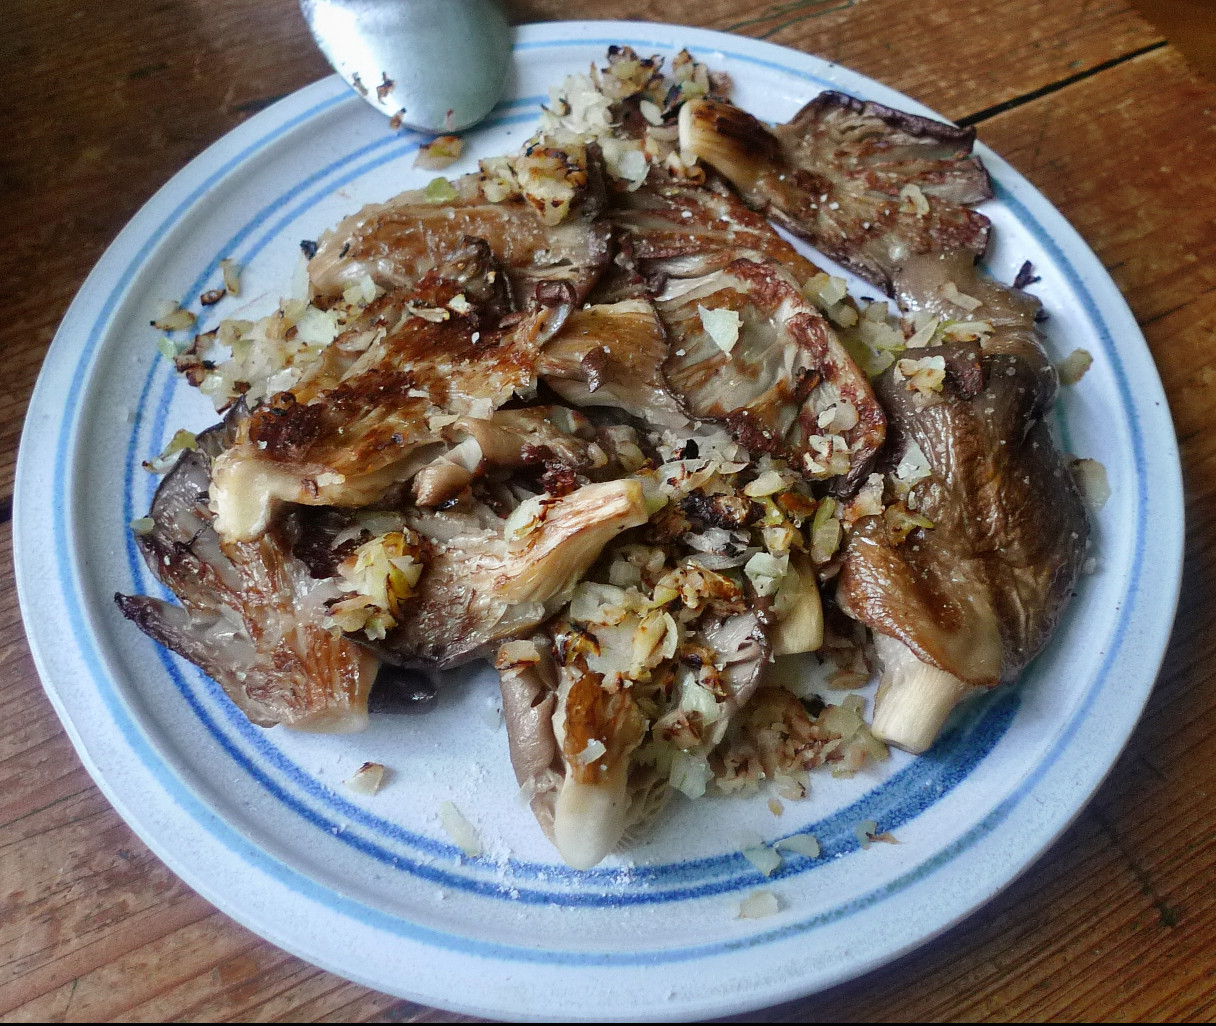 Shitakepilze, Bratkartoffel,Salat -28.4 (7)